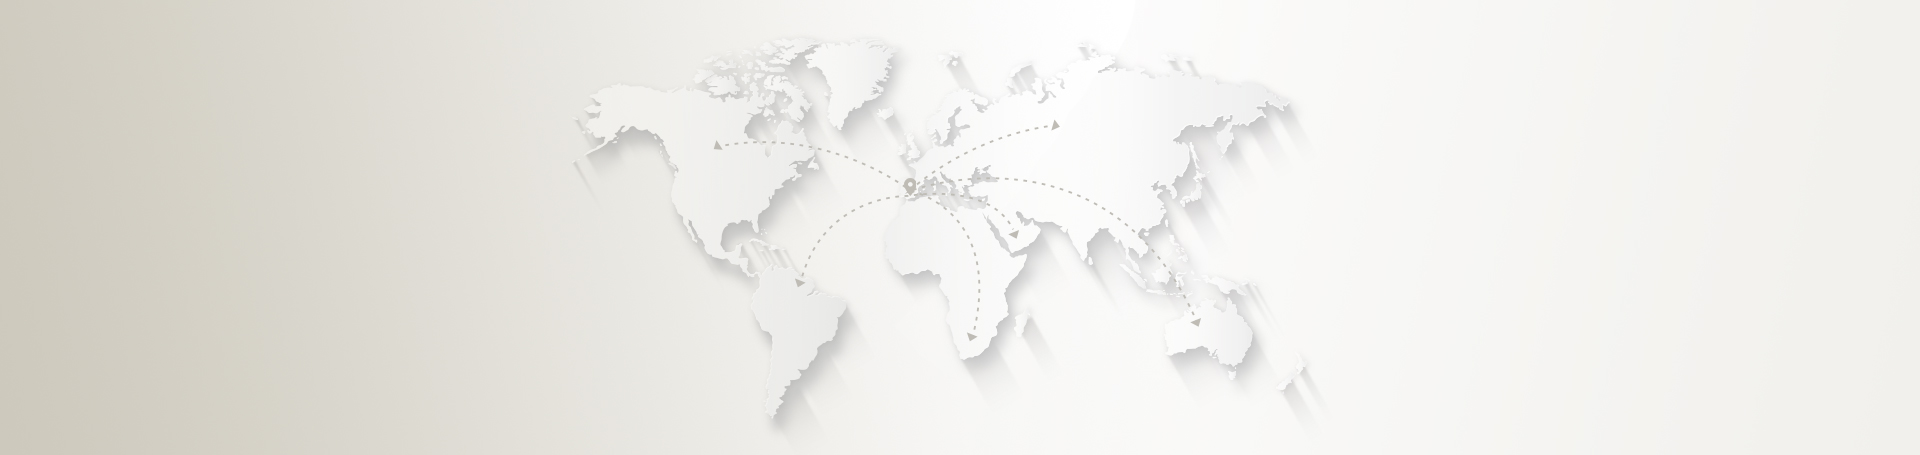 Elitagro exports